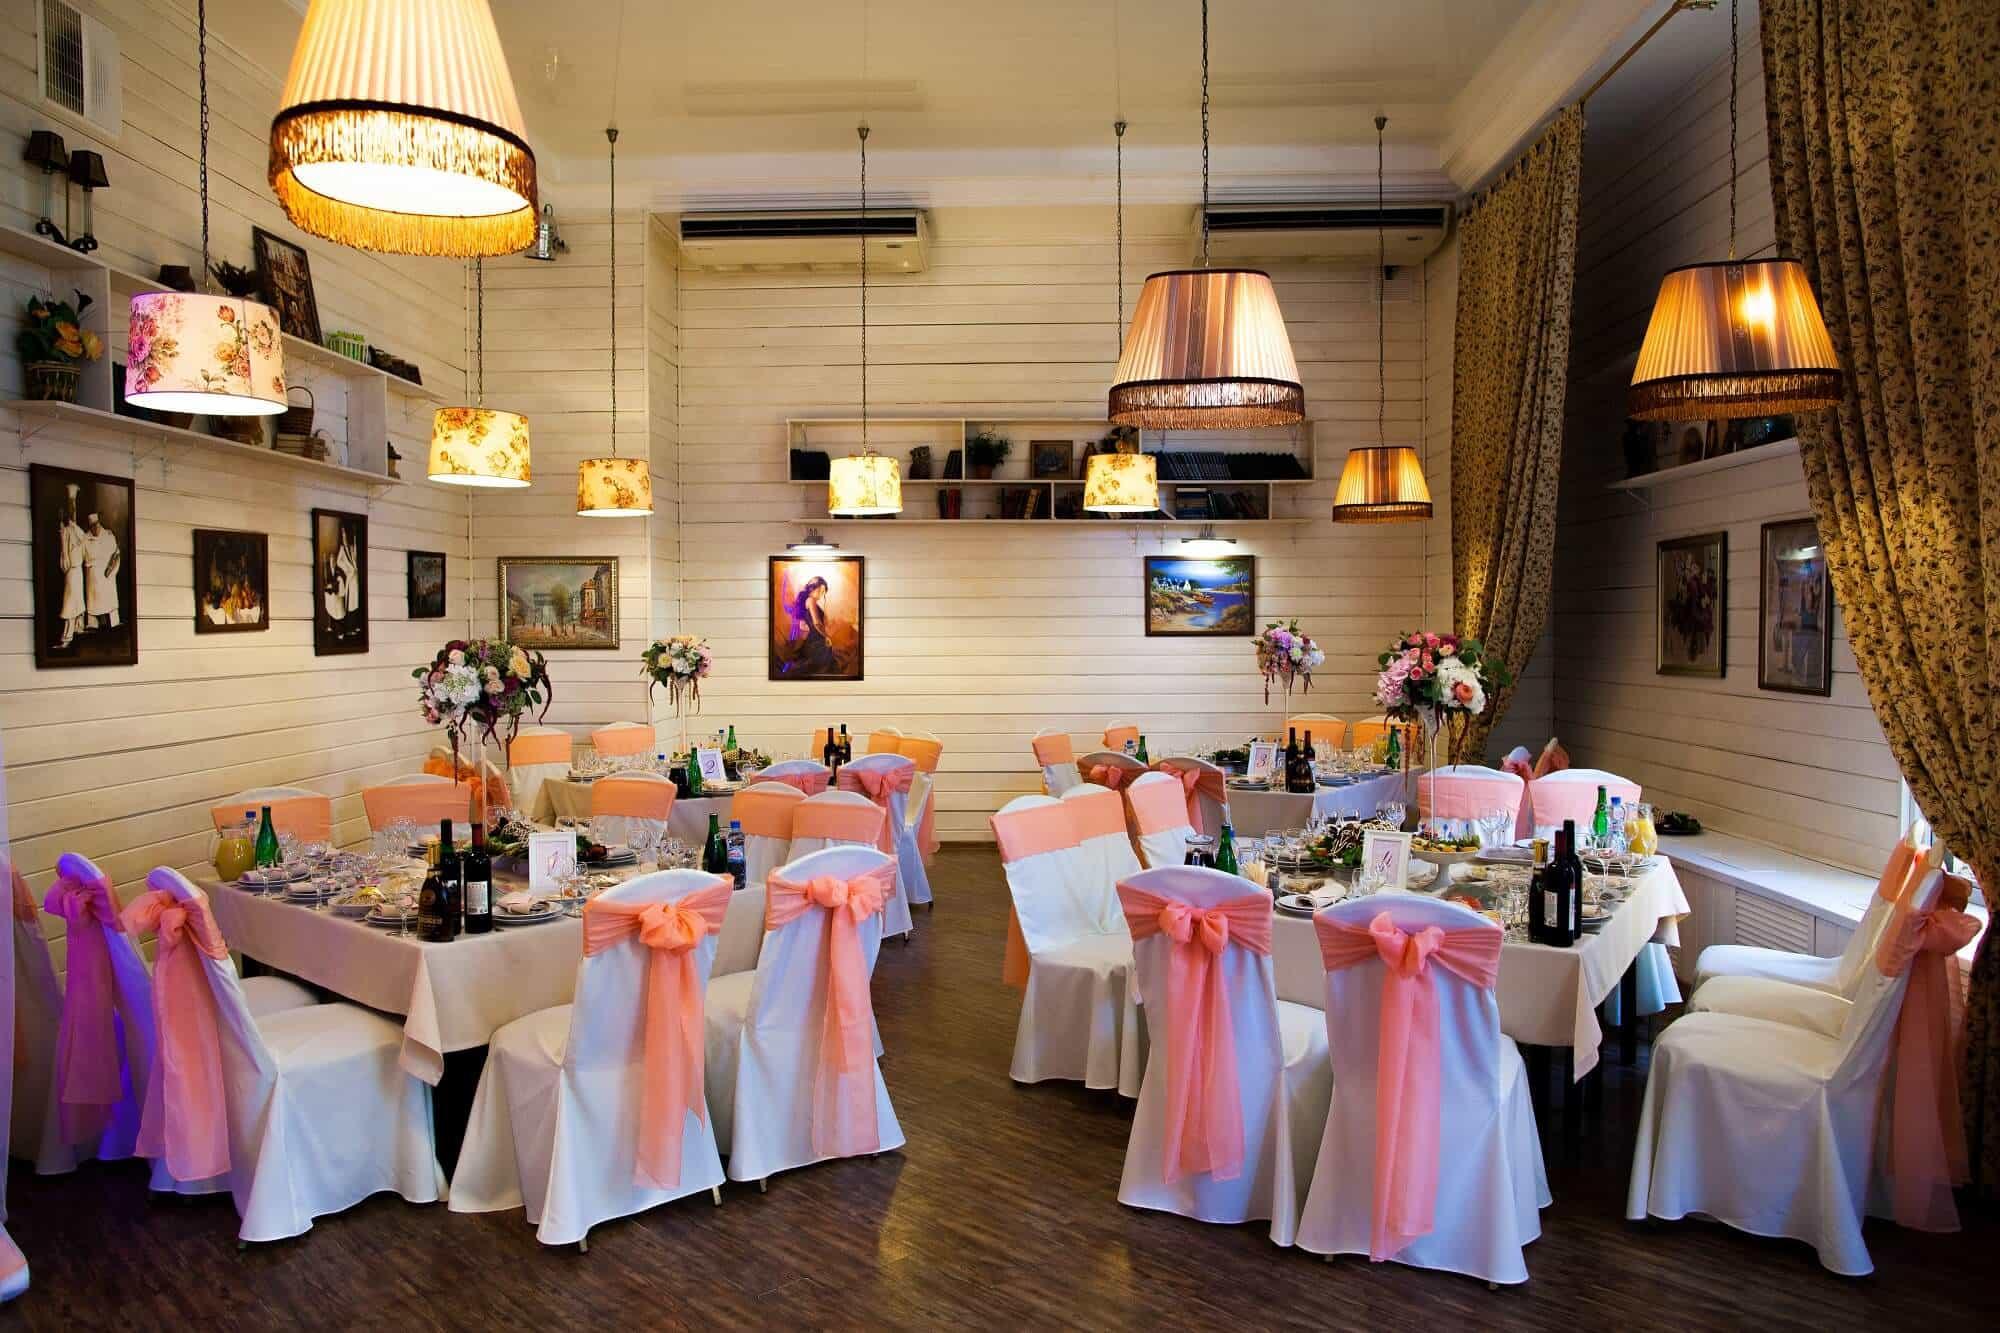 Ресторан для свадьбы в Подольском районе